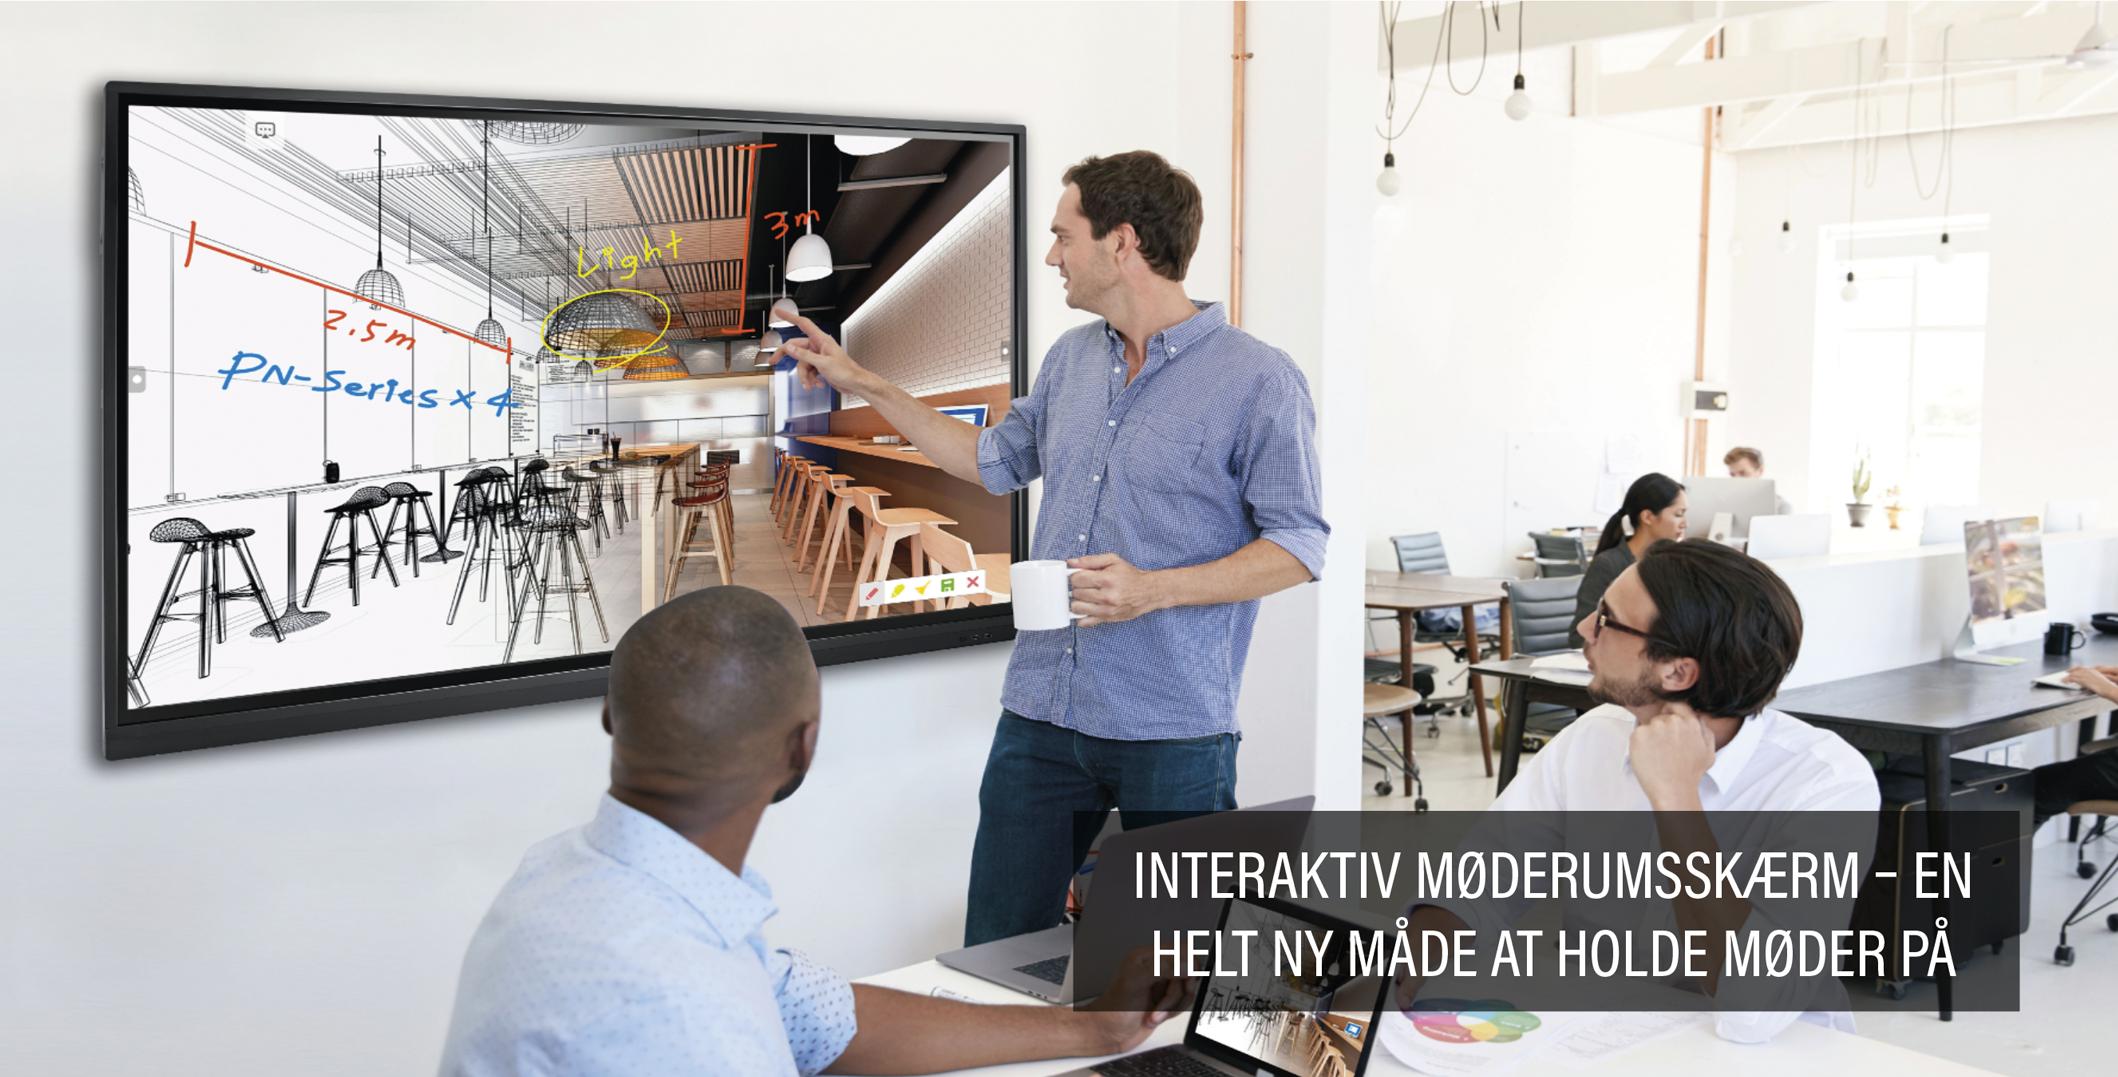 Interaktiv møderumsskærm - en helt ny måde at holde møde på